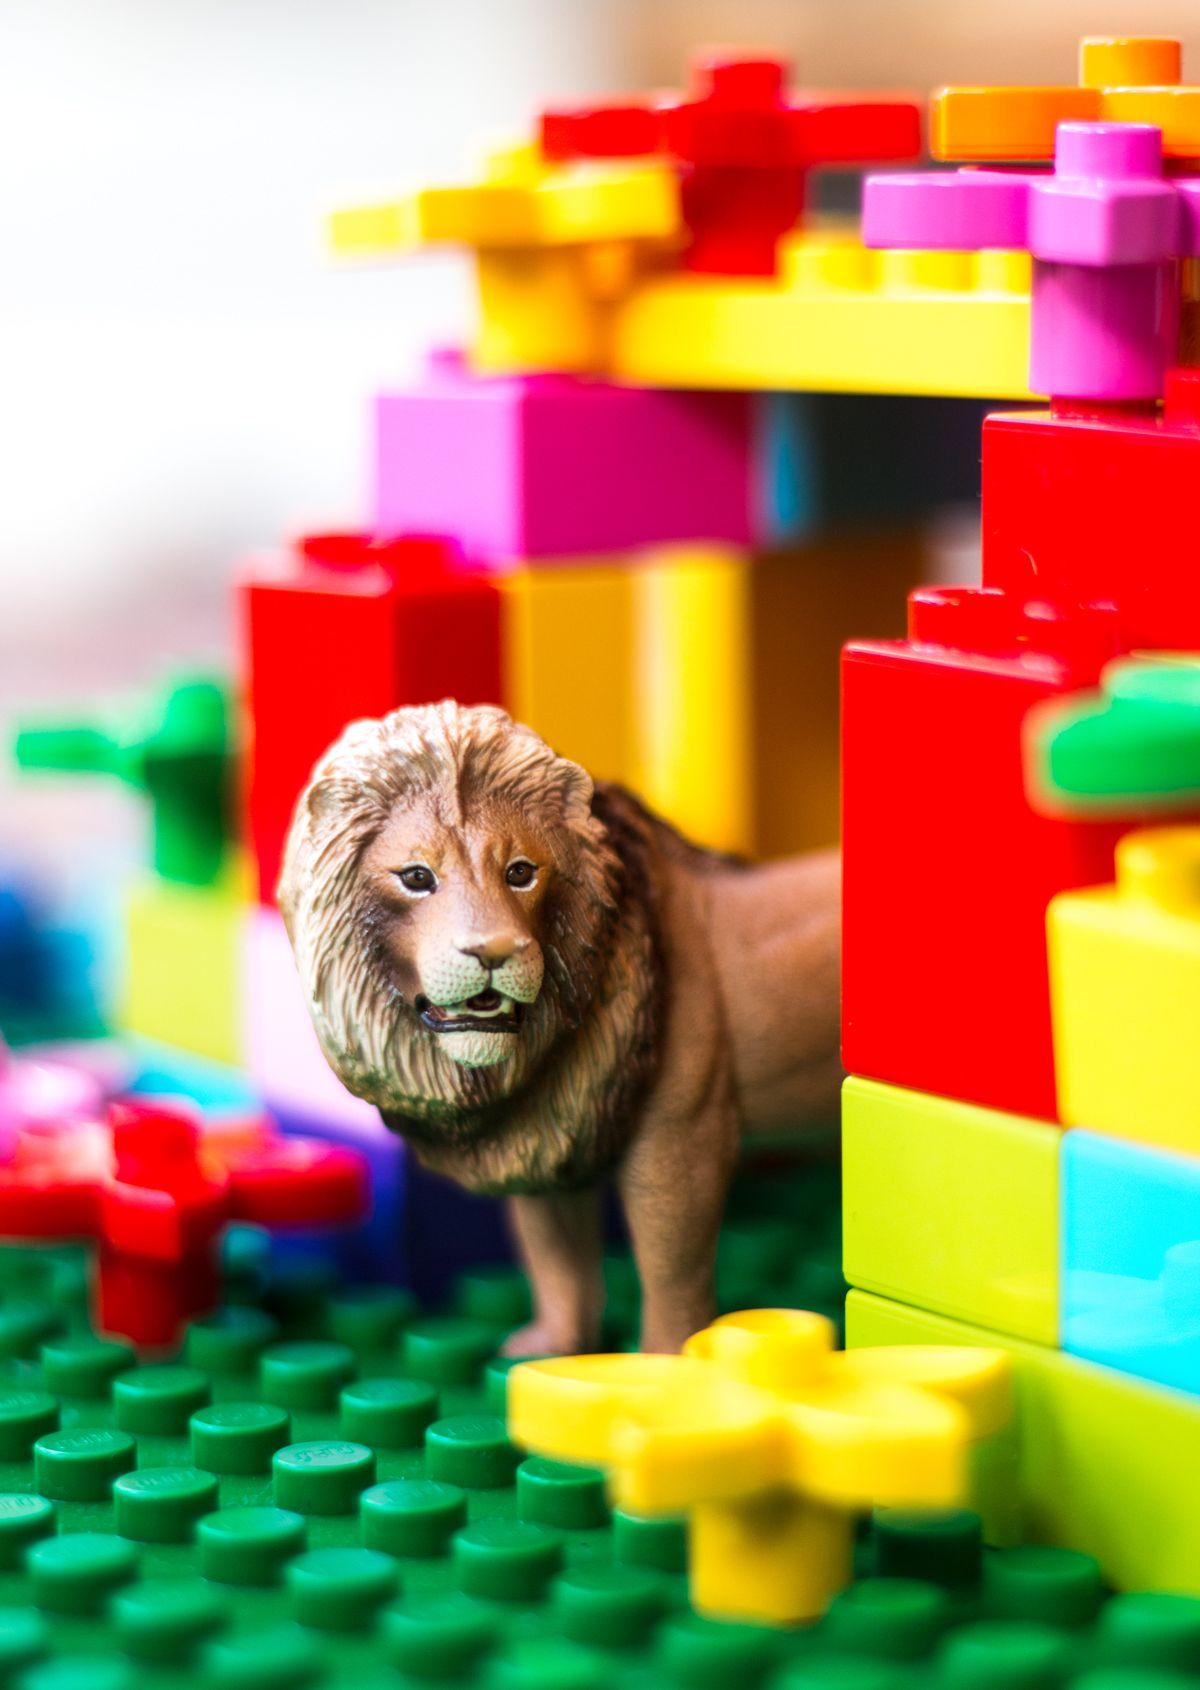 Lion_castle - this image makes me smile